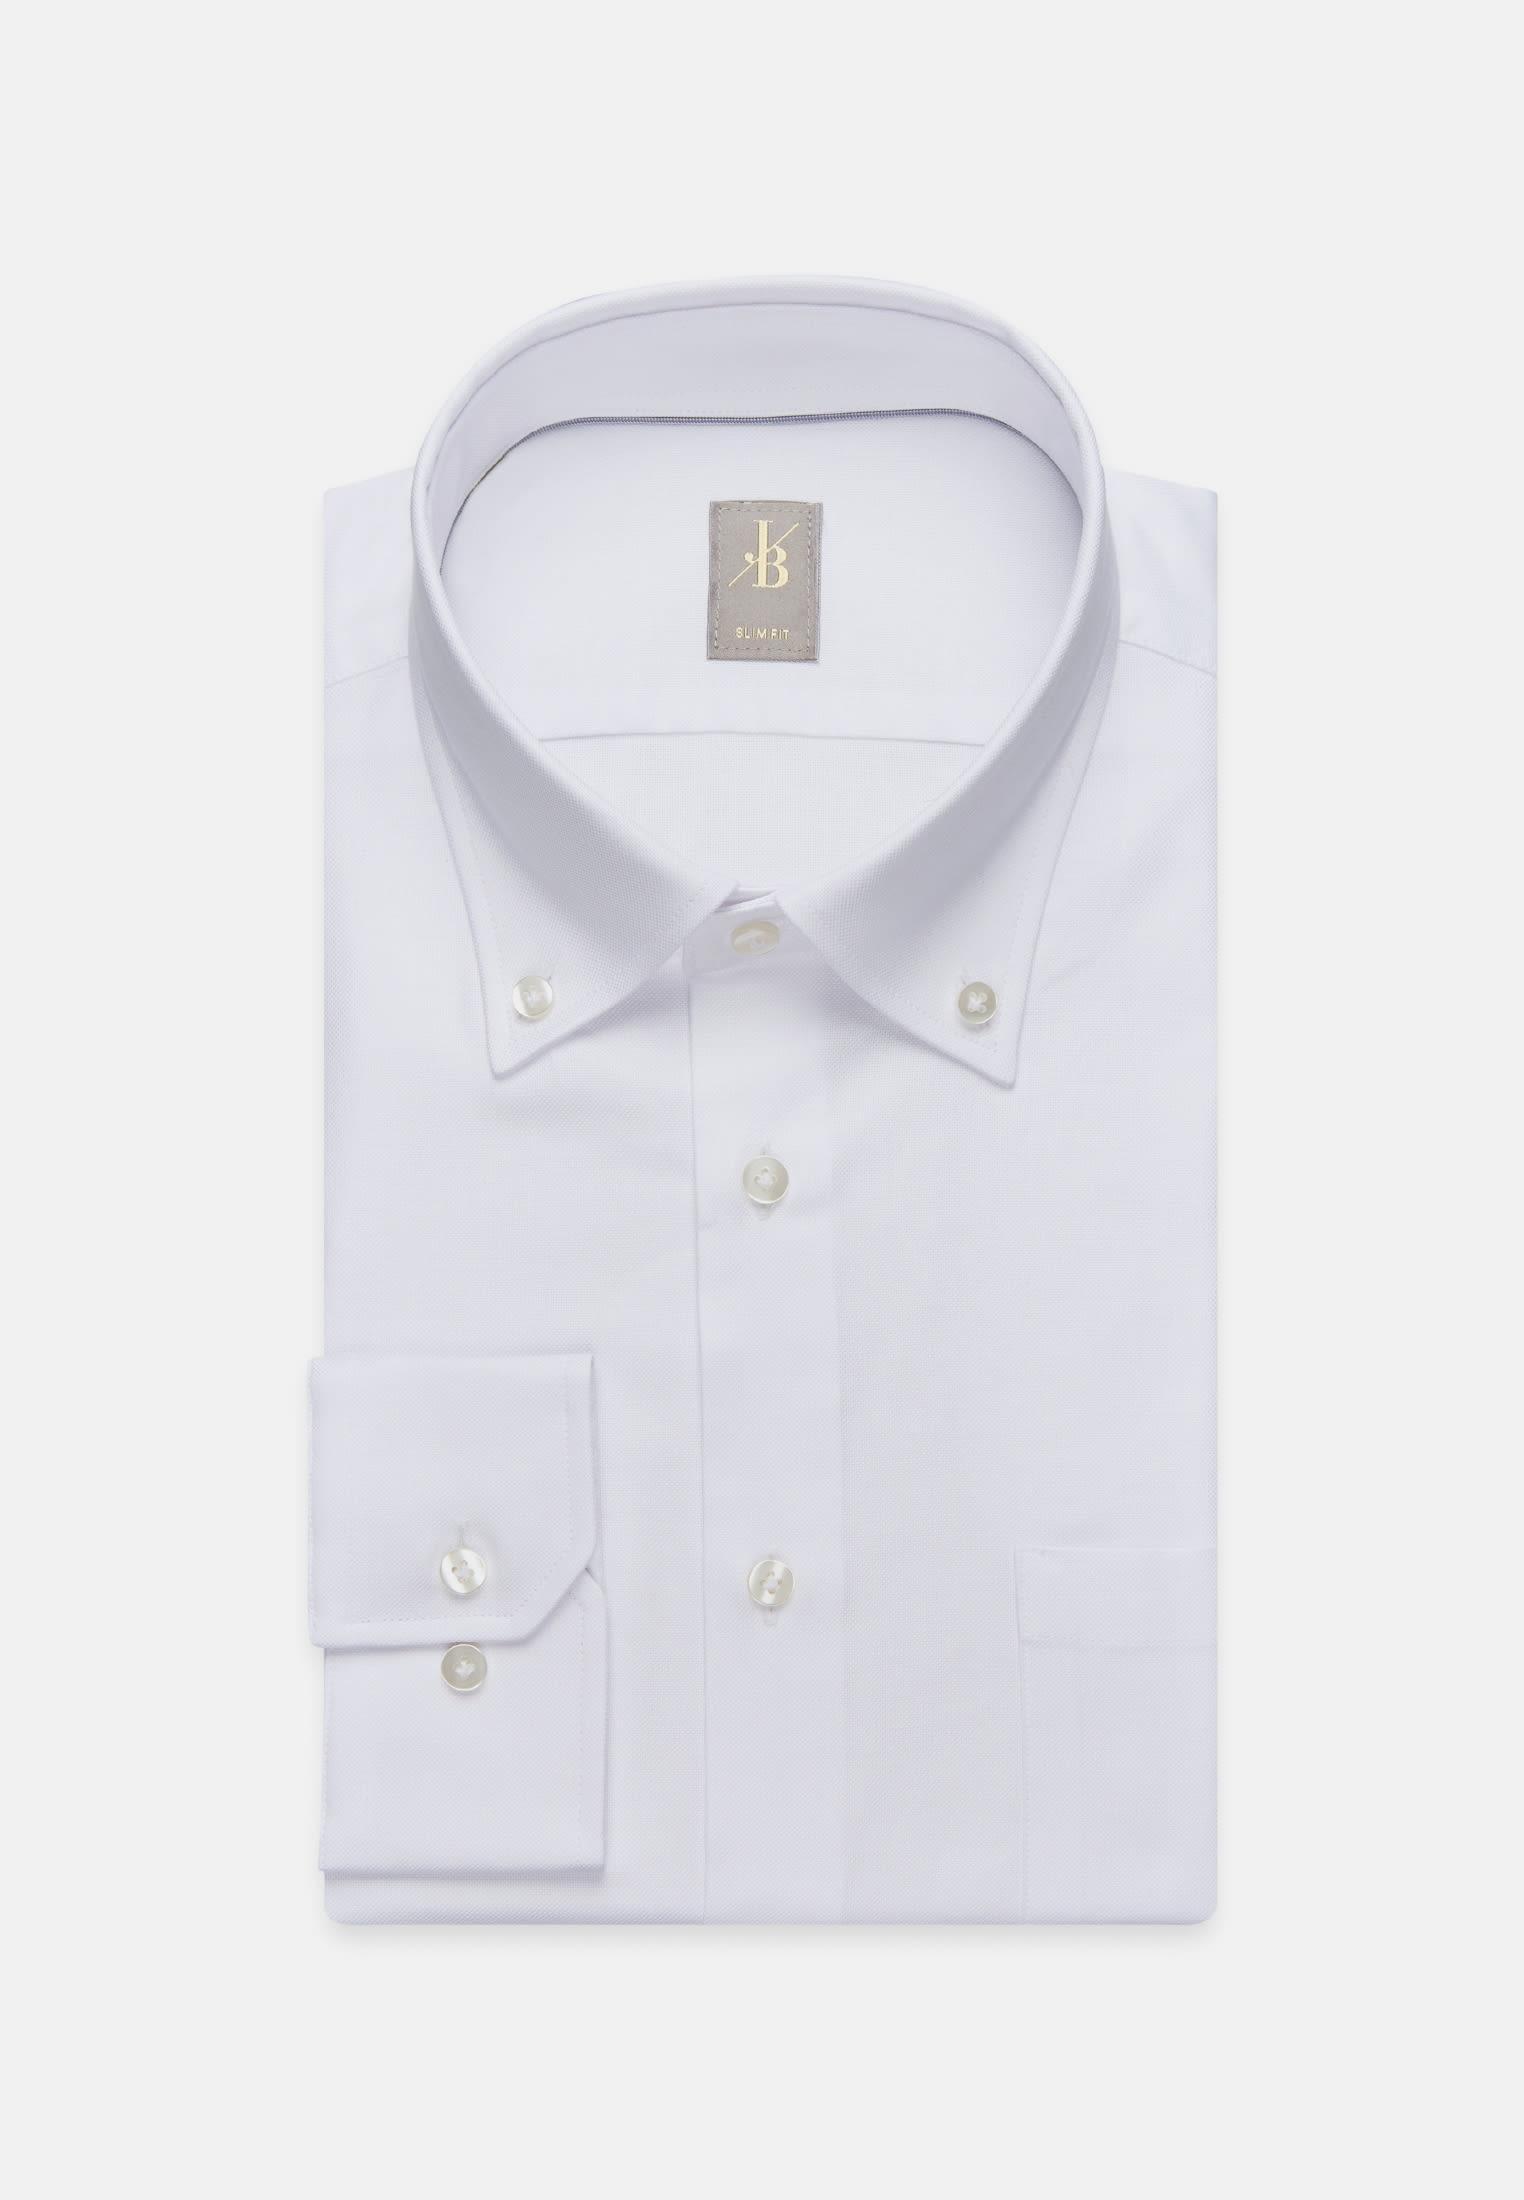 Oxford Business Hemd in Slim Fit mit Button-Down-Kragen in Weiß    Jacques Britt Onlineshop